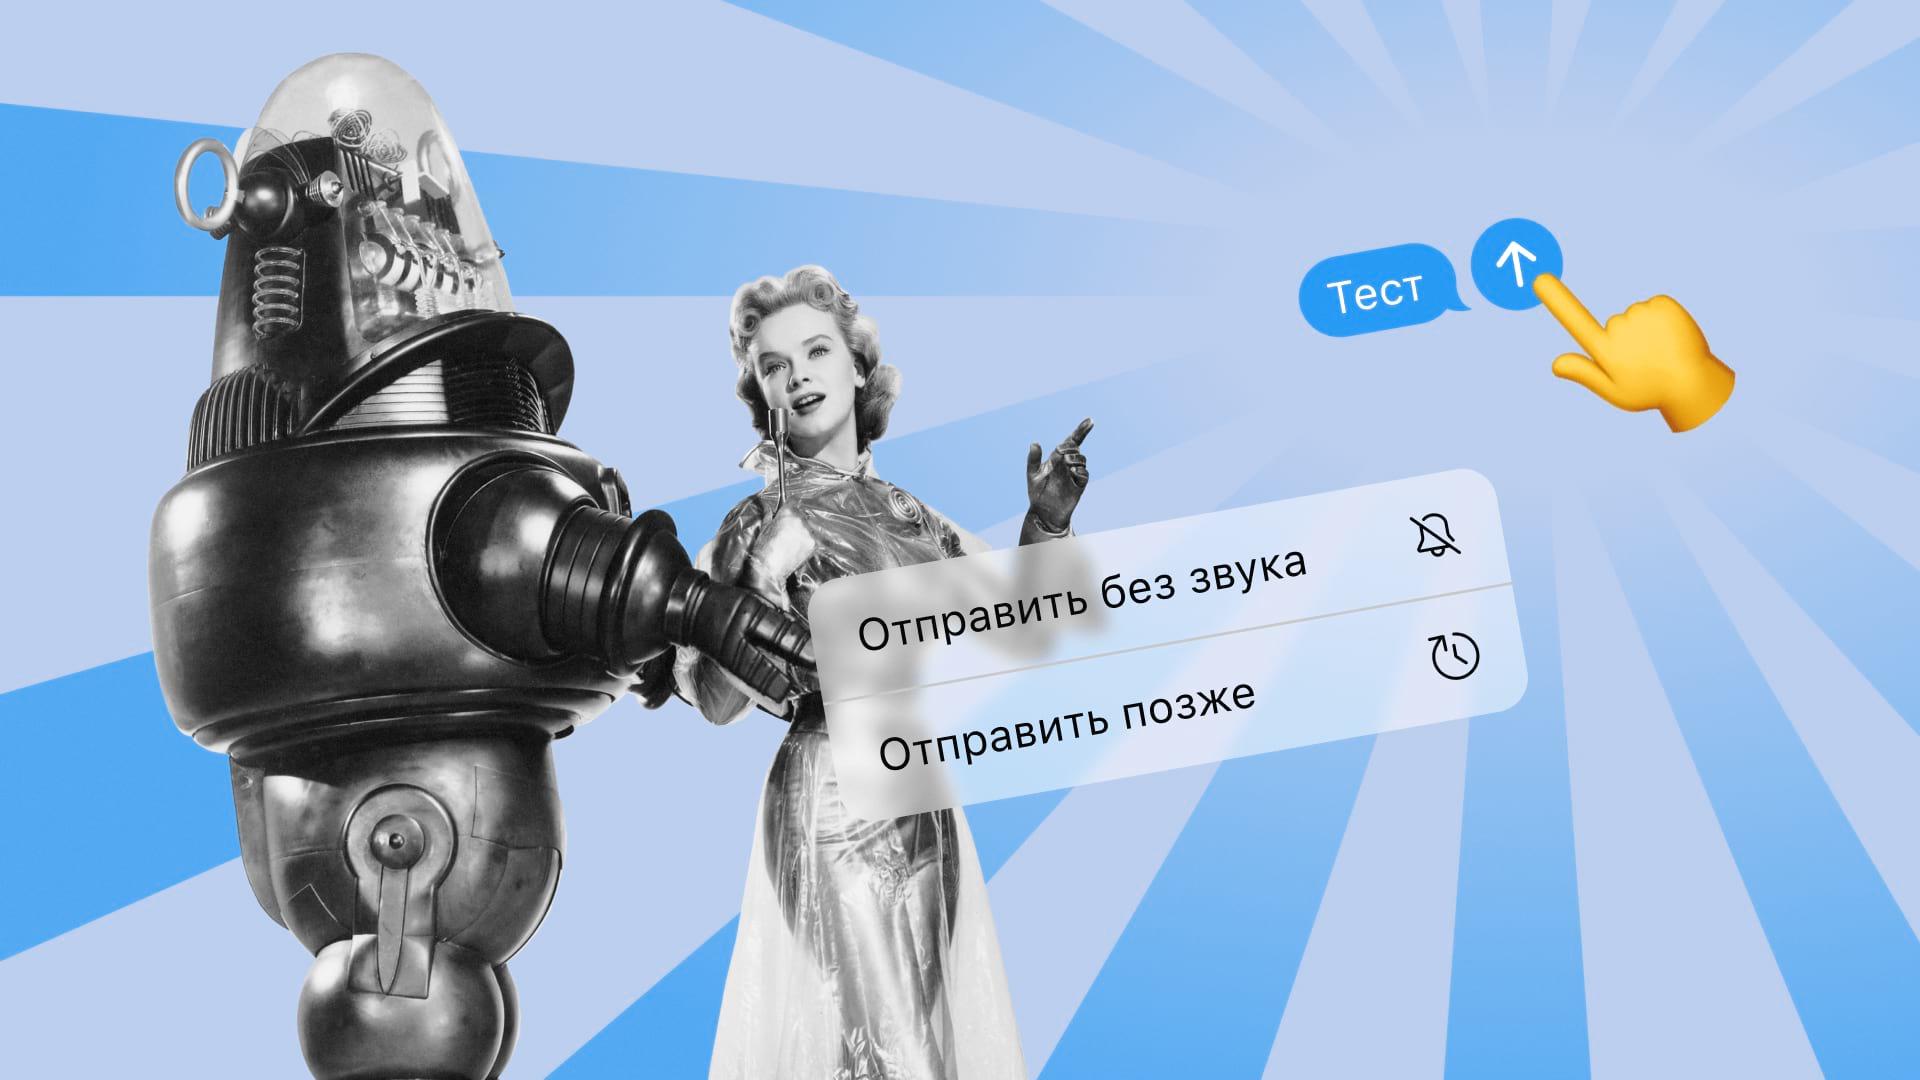 Автопостинг в Телеграме: боты, сервисы, возможности